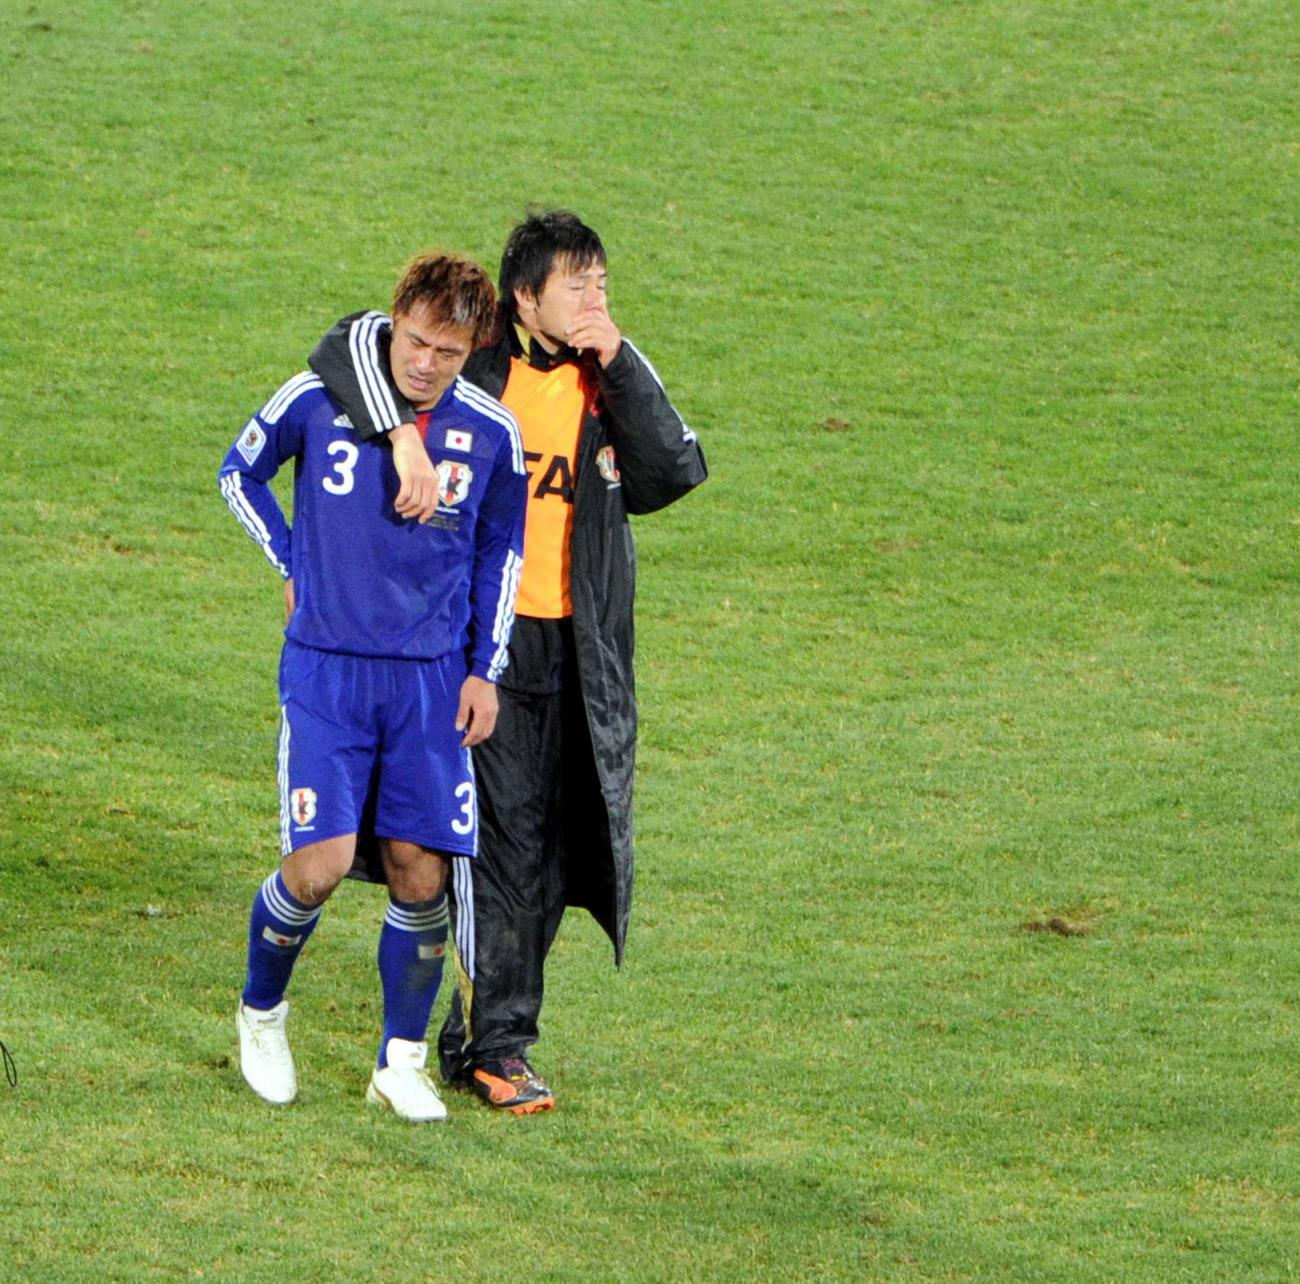 日本対パラグアイ PK戦で敗れ、涙を流すDF駒野友一(左)とMF松井大輔 2010年6月29日